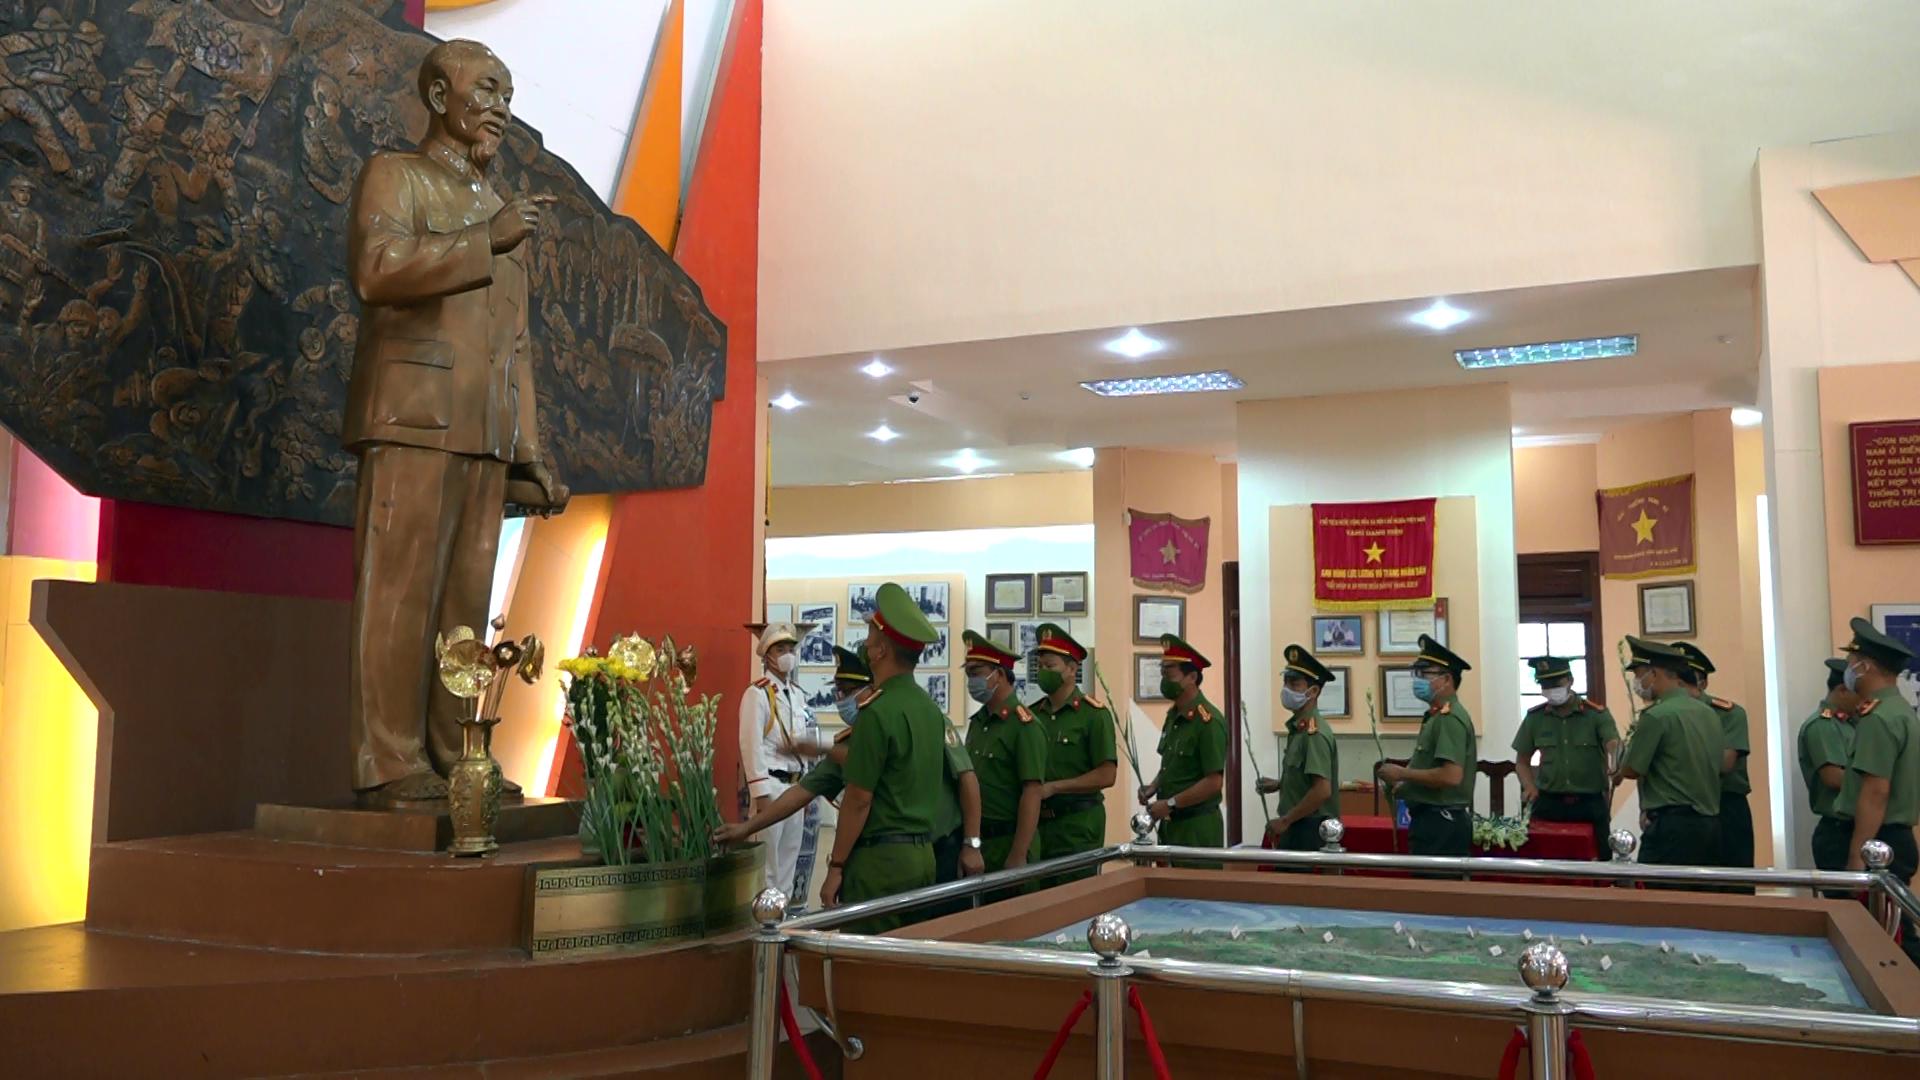 Đoàn công tác Công an tỉnh dâng hoa lên Bác Hồ tại Nhà truyền thống Khu di tích An ninh khu 5. Ảnh: HOÀNG VŨ